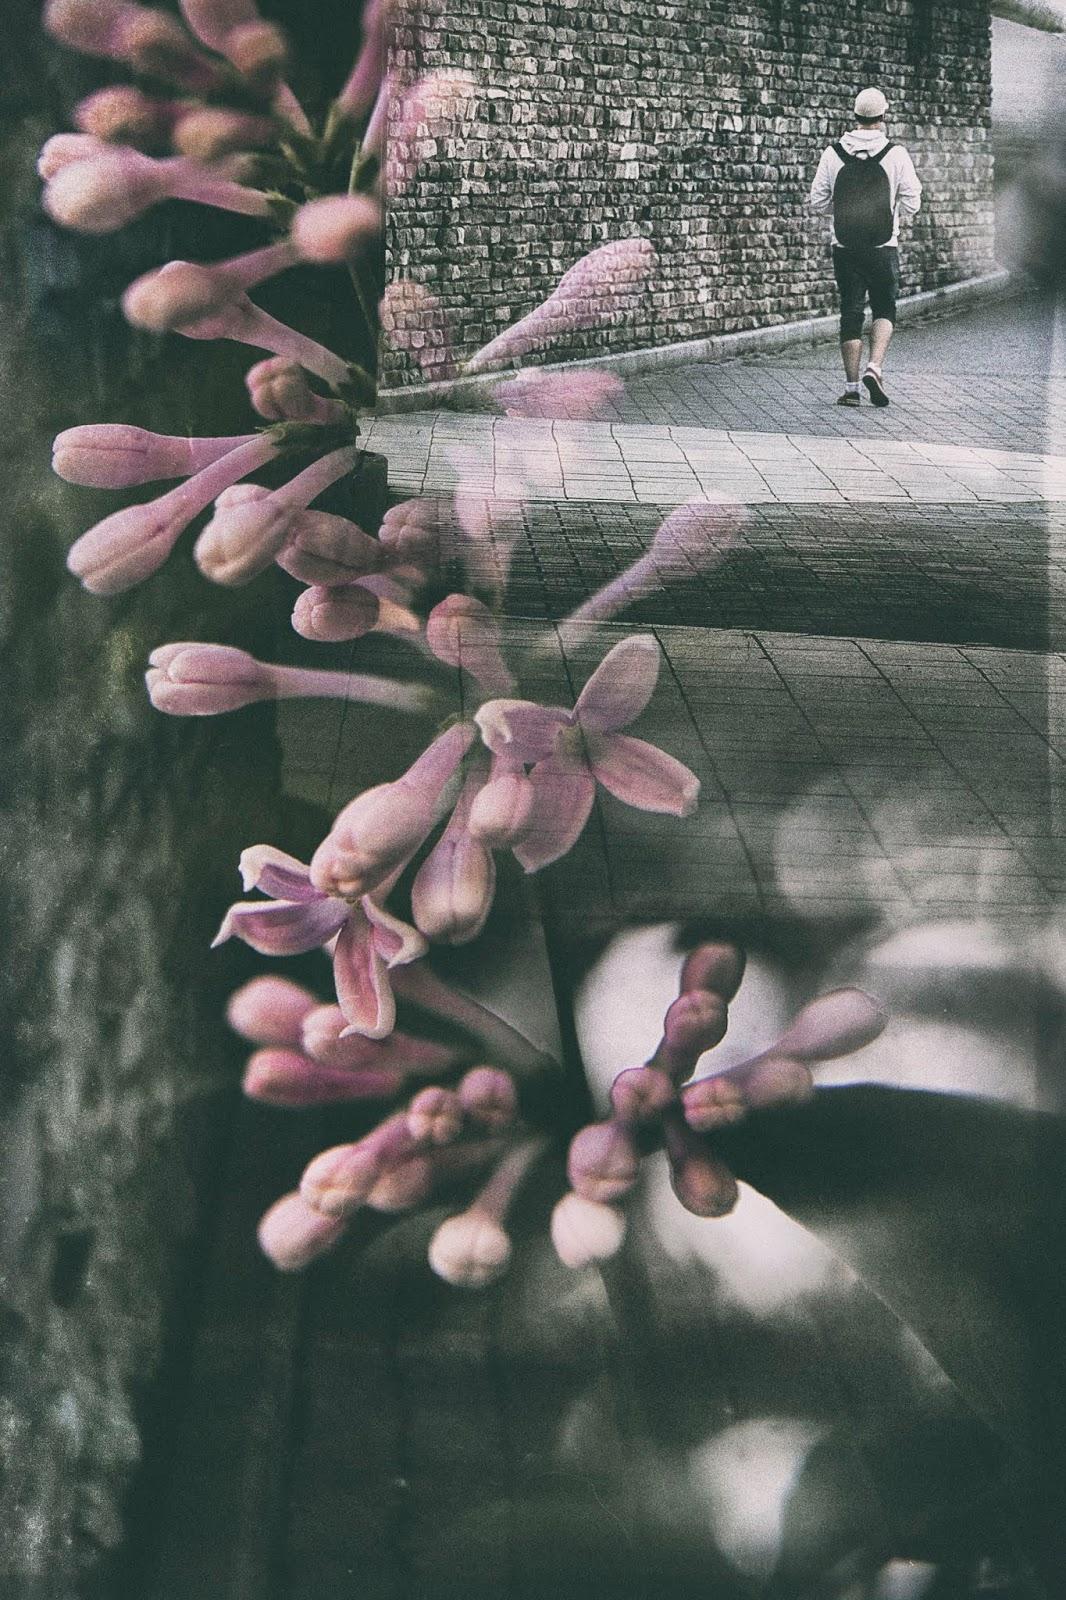 valokuvaus, streetart, streetphotography, double exposure, tuplavalotus, Canon, valokuvaus, Valokuvaaja, Frida Steiner, Visualaddict, visualaddictfrida, taidevalokuvaus, kokeileva valokuvaus, photographerlife, suomi, finland, espoo